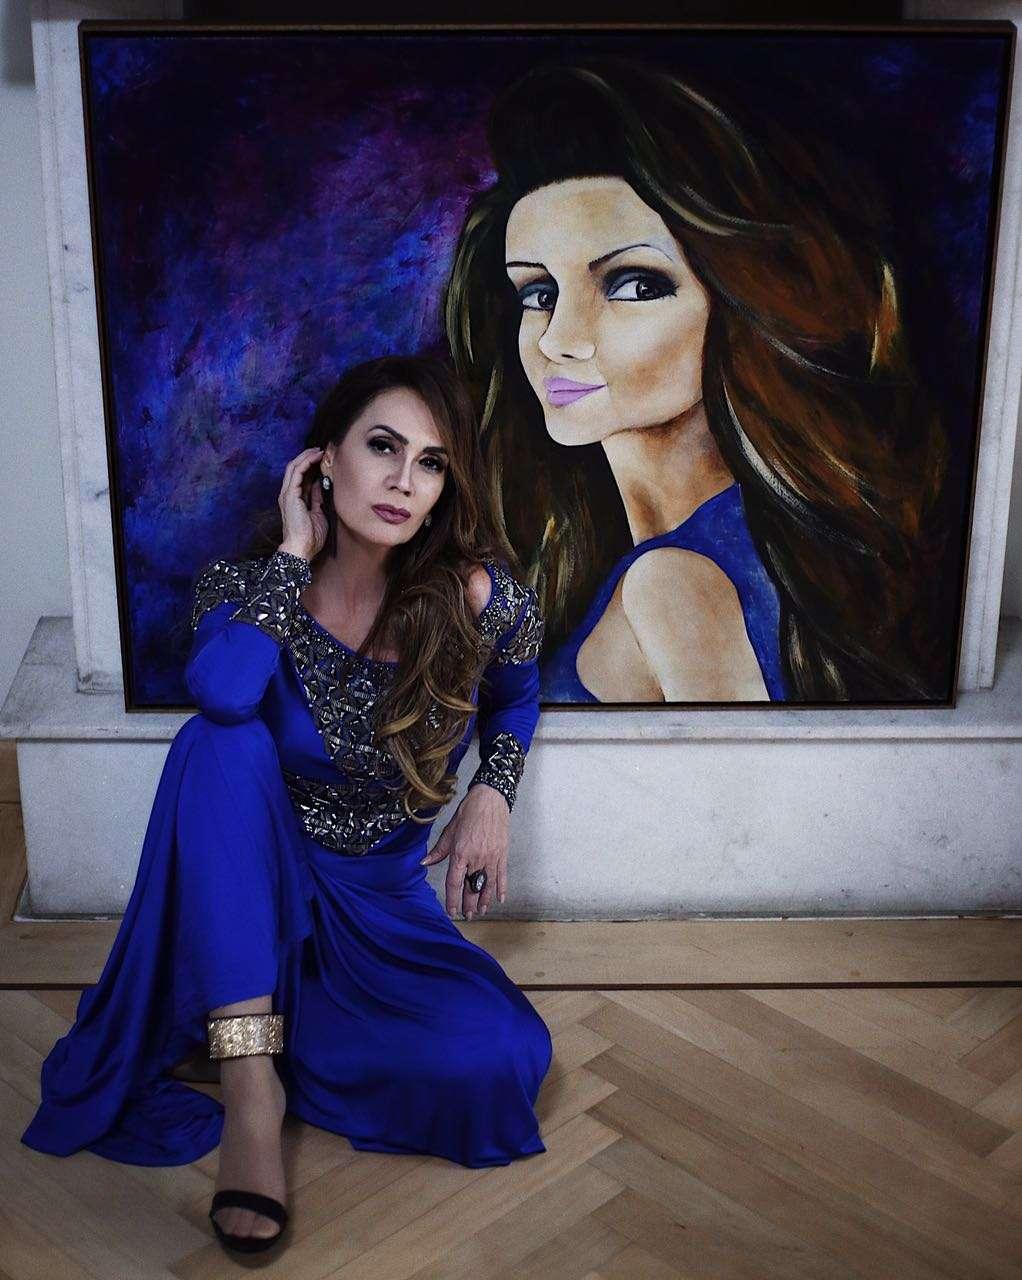 Claudia Métne tirou foto com o quadro que ganhou do internacional artista plástico Rubén Torrego 1